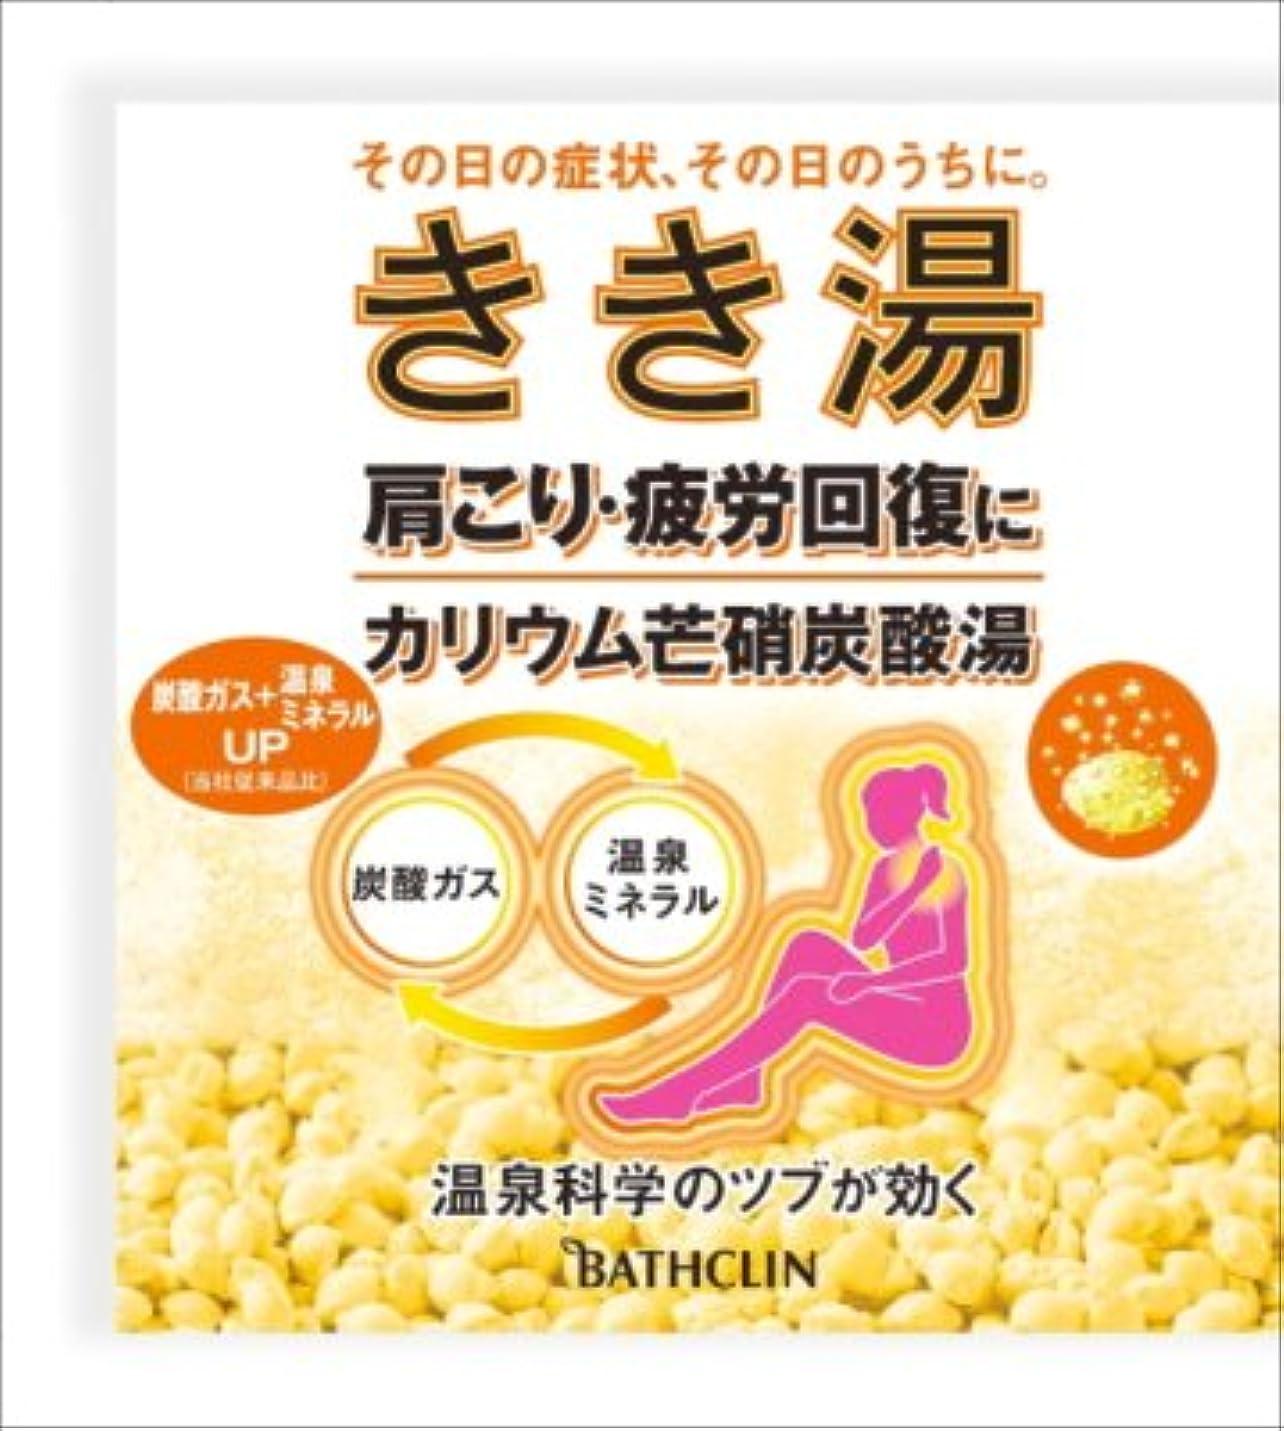 消すキャンドル貫入バスクリン きき湯 カリウム芒硝炭酸湯 30g(入浴剤)×120個セット